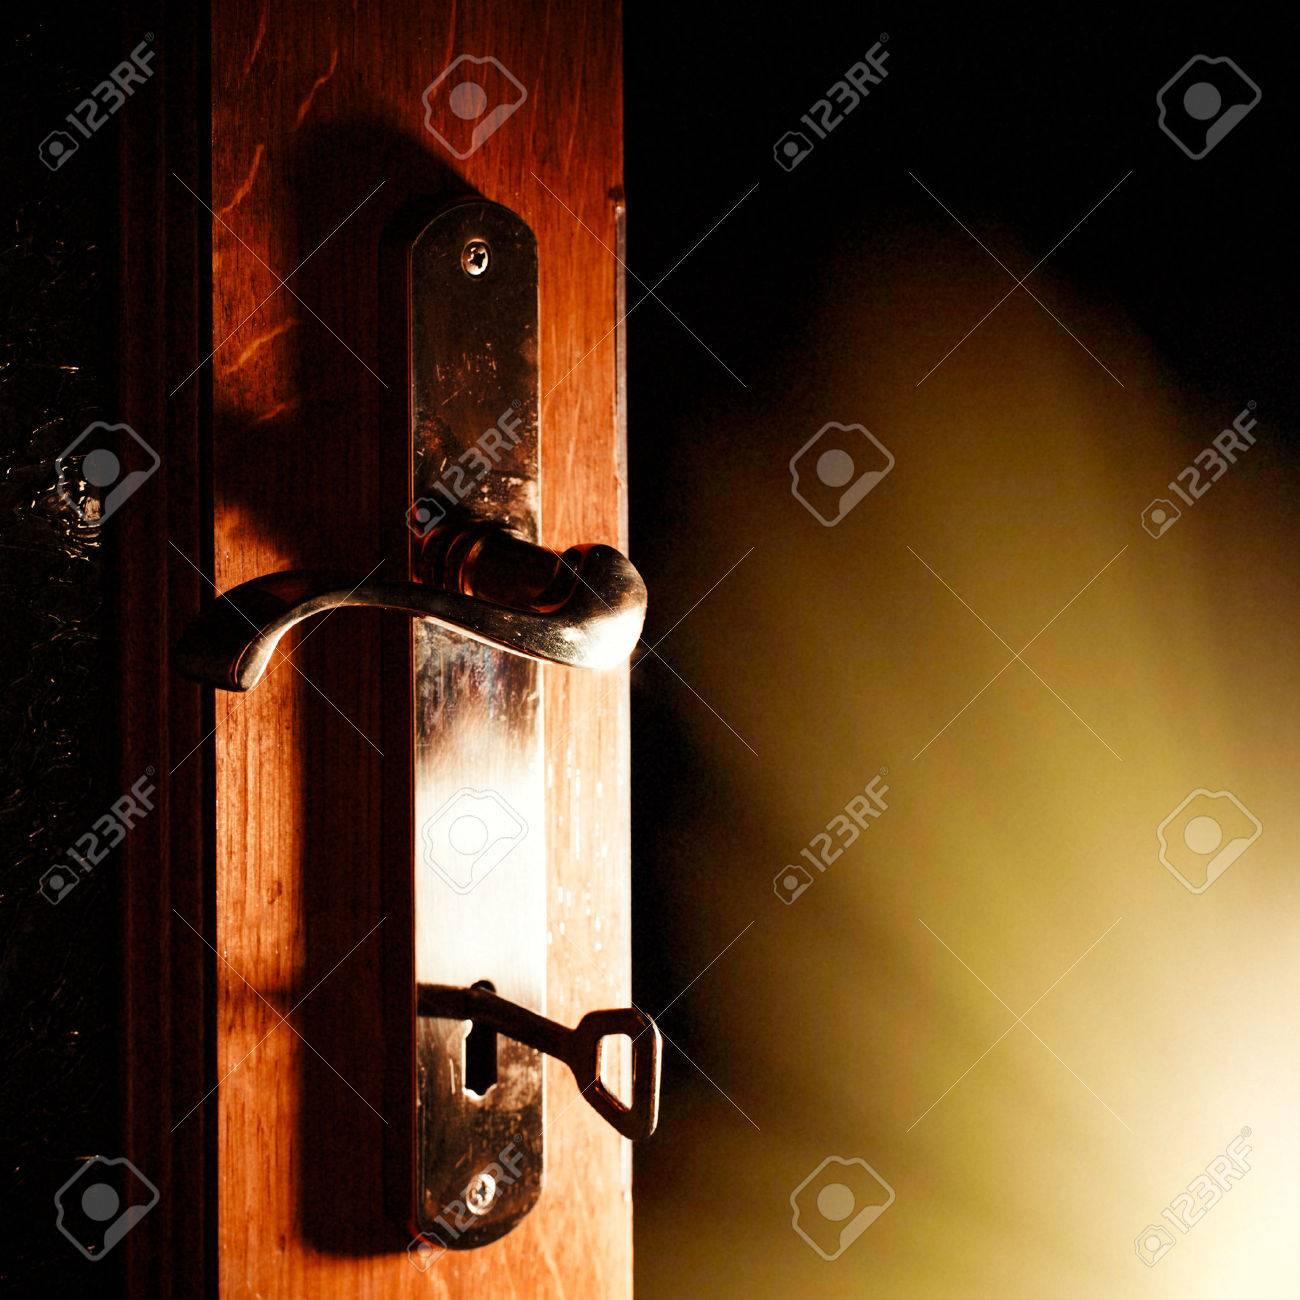 Open Door Dark Room open door with key into the dark room with light stock photo